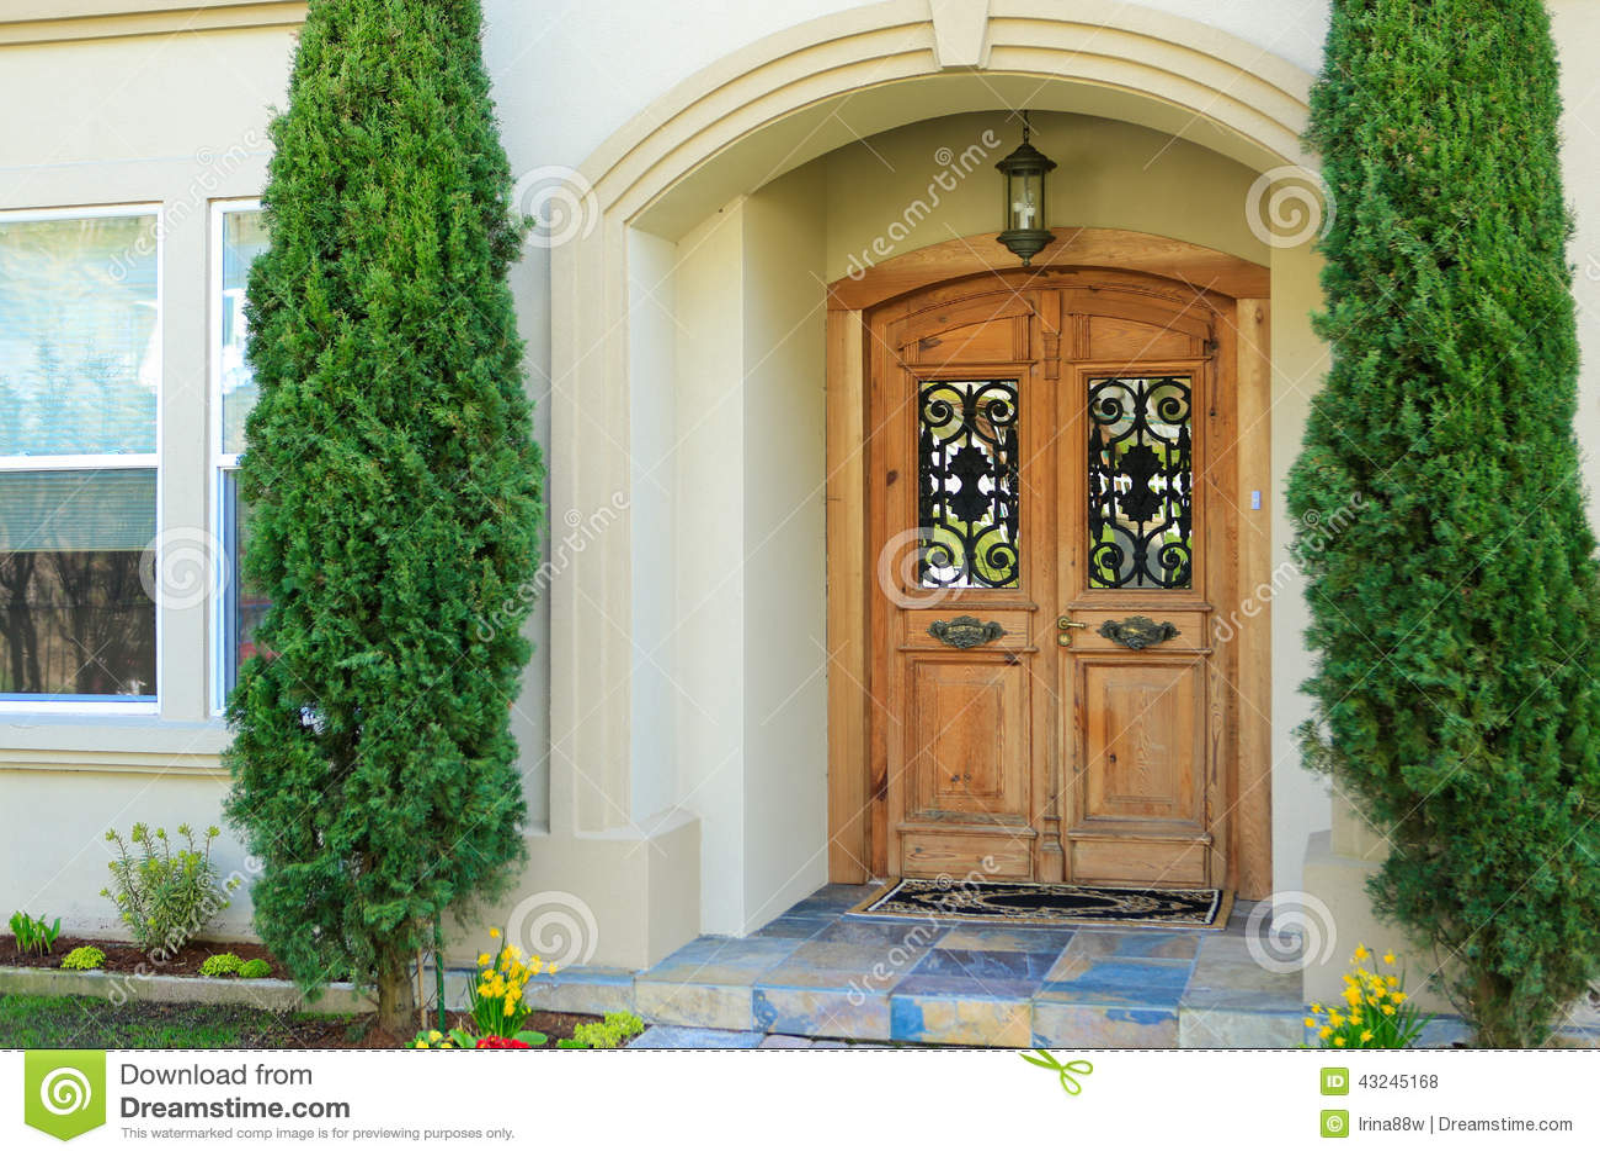 porche de luxe d 39 entr e de maison photo stock image du patrimoine r sidentiel 43245168. Black Bedroom Furniture Sets. Home Design Ideas